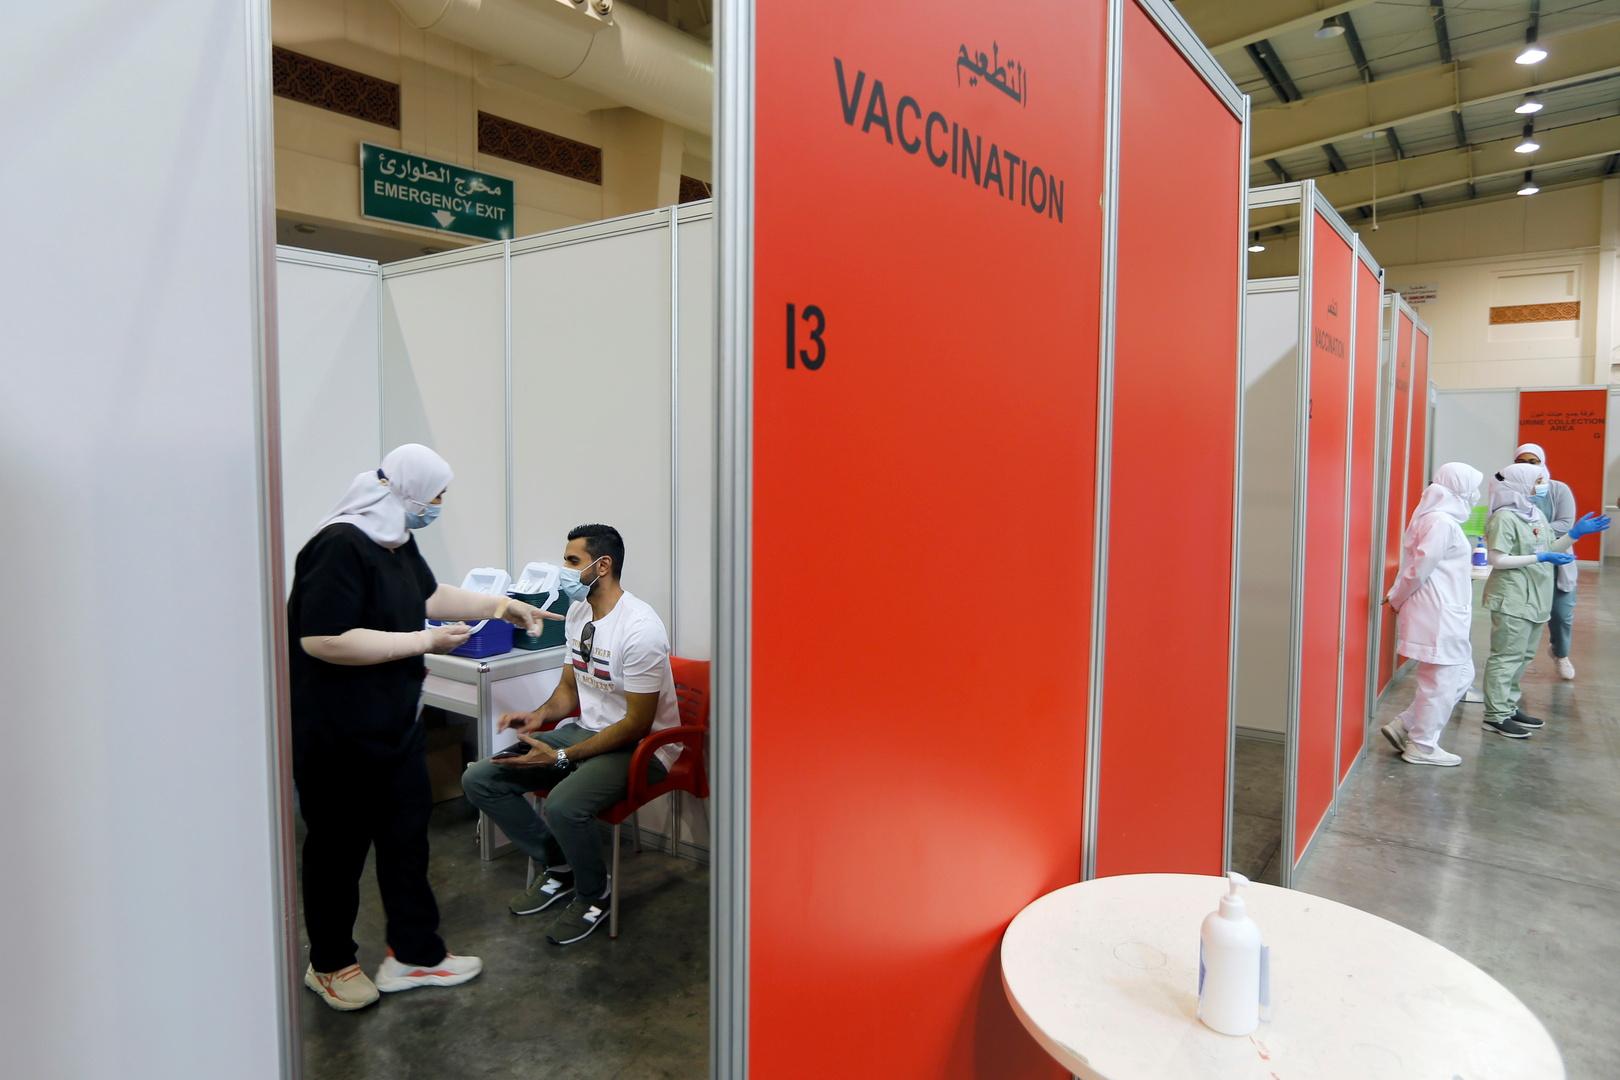 البحرين تتيح التطعيم ضد كورونا للفئة العمرية من 12 إلى 17 عاما